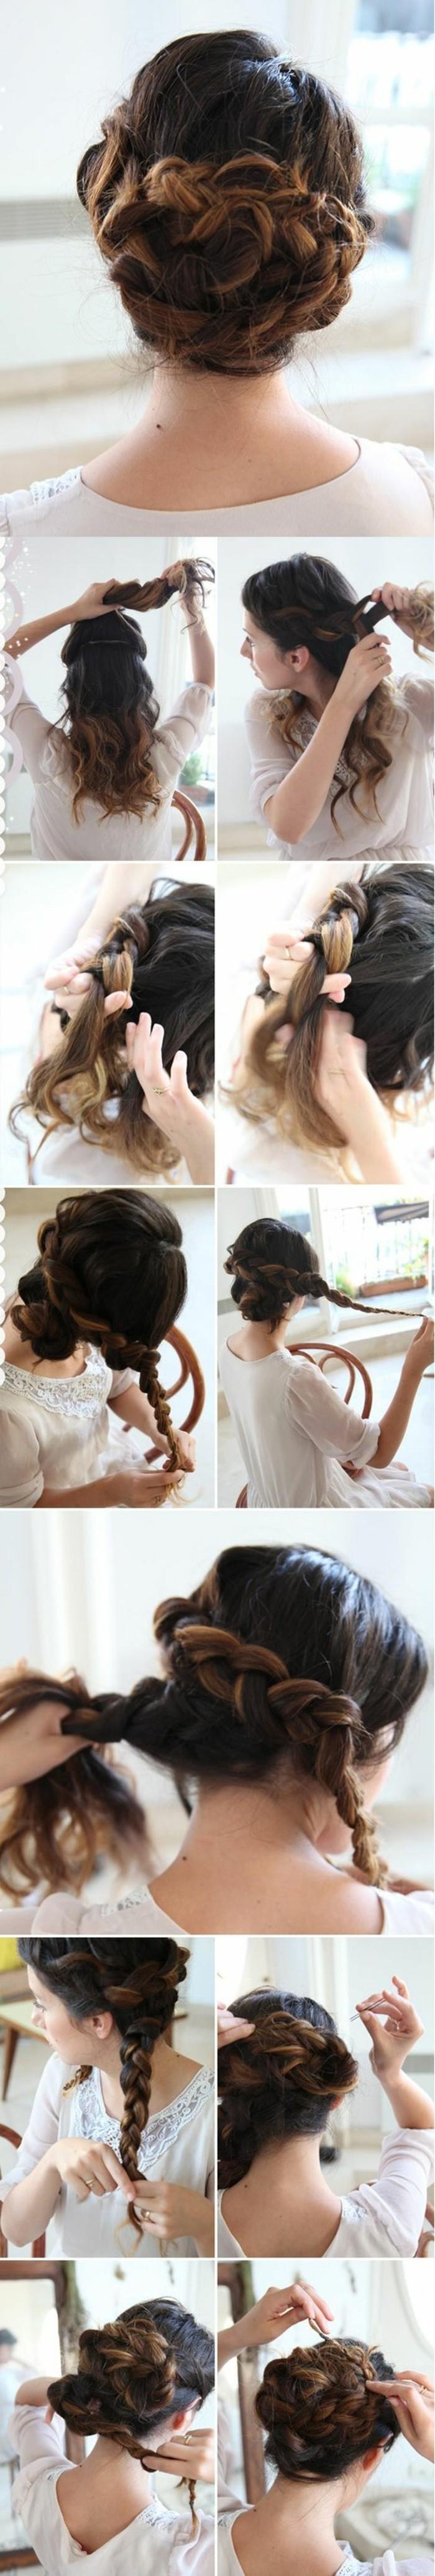 7--frisuren-zum-selber-machen-dunkelbraune-lockige-haare-hochstecken-zopf-weiße-bluse-diy-frisur